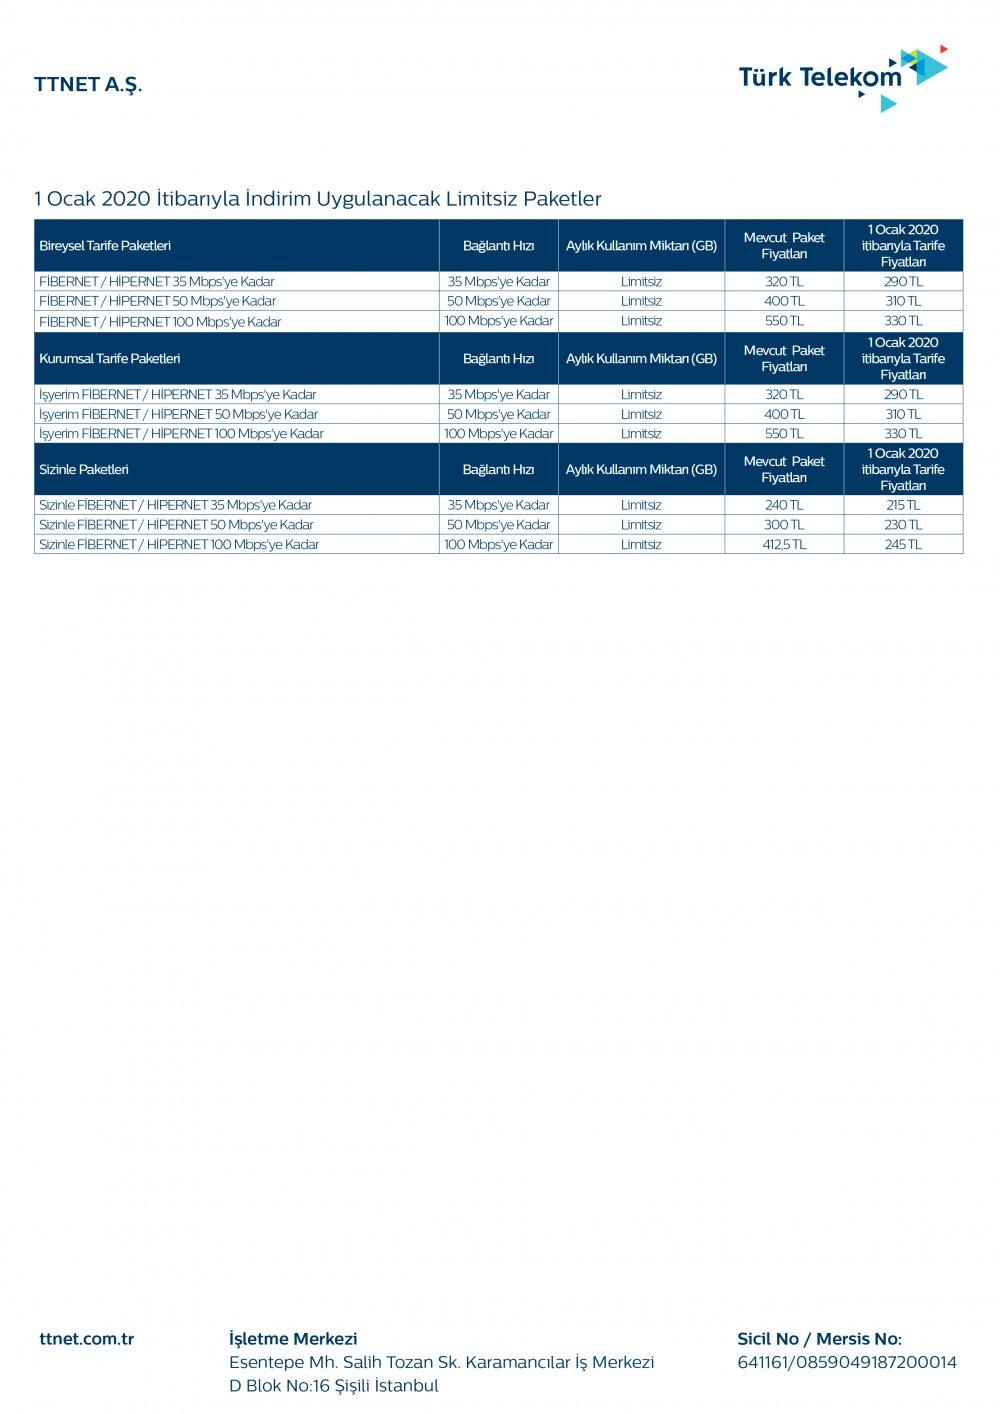 2021 Türk Telekom (TTNET) kotalı ve kotasız internet paketleri ve fiyatları